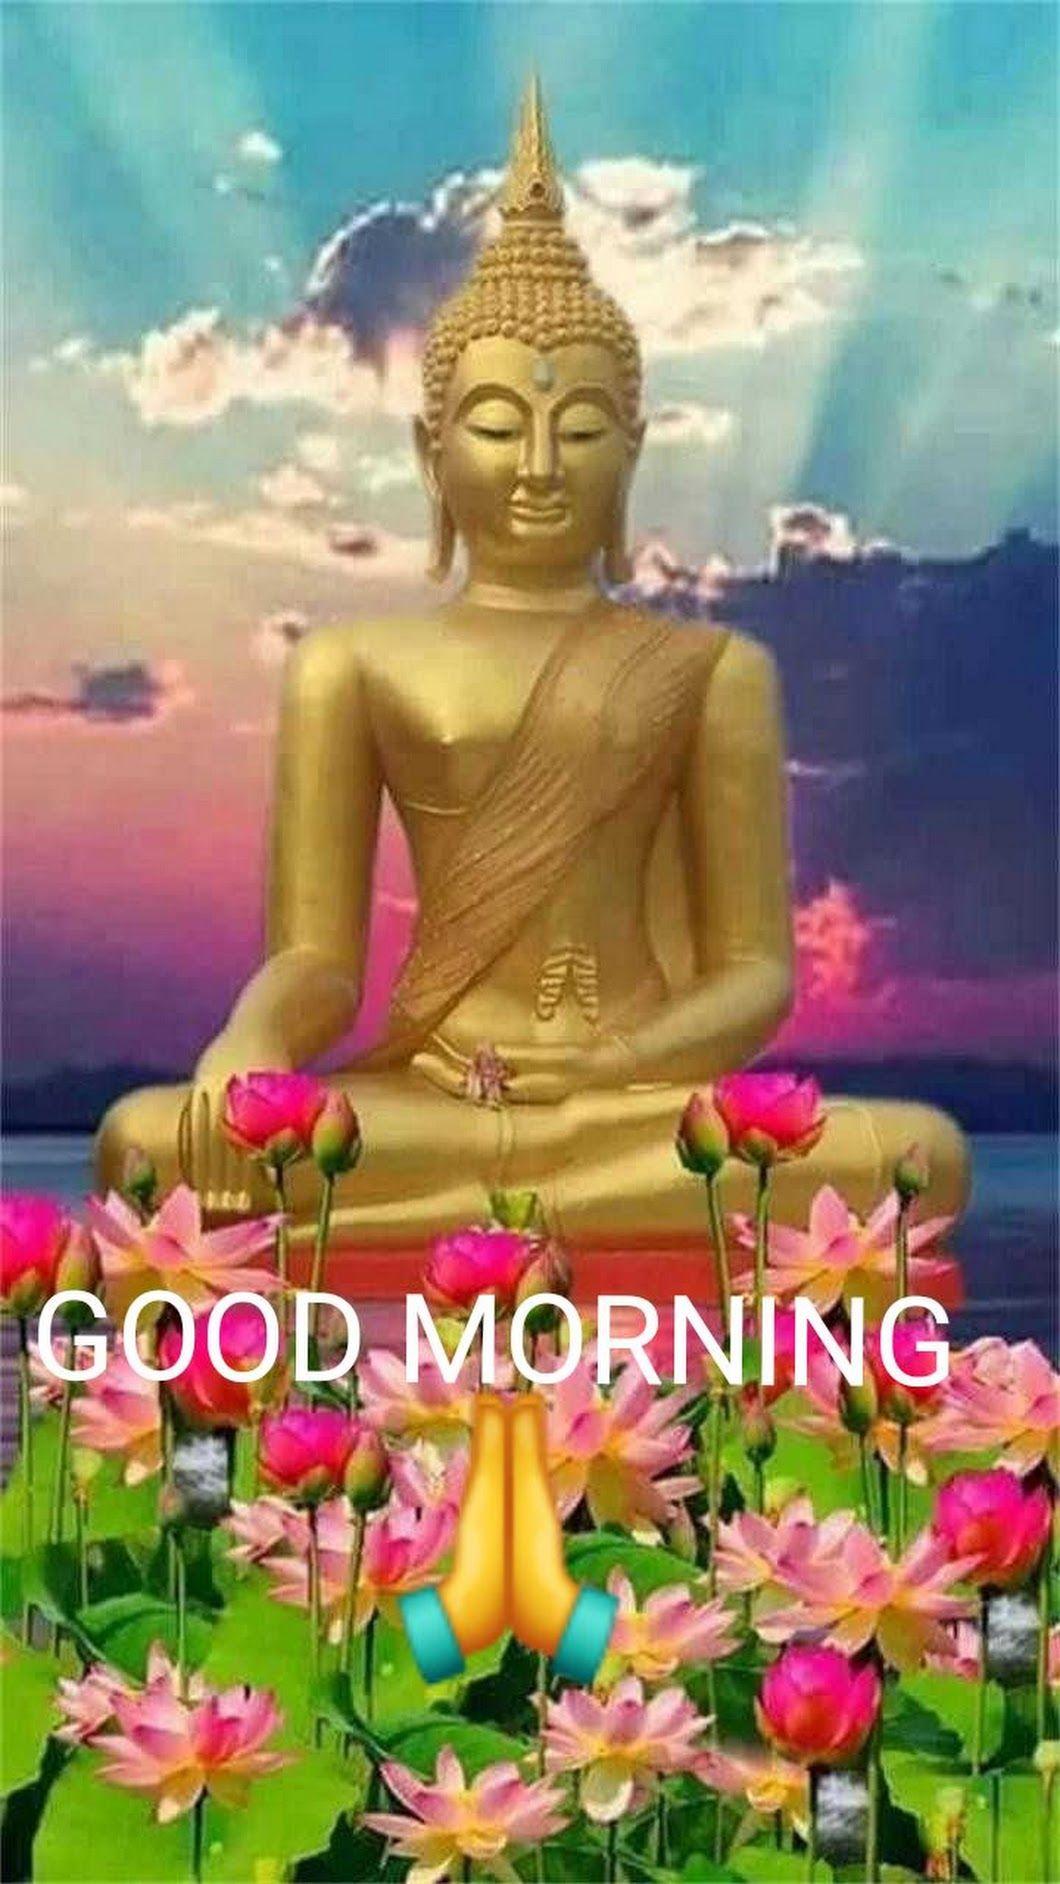 Vinod Kumar Uppal Google Morning Pinterest Google Morning